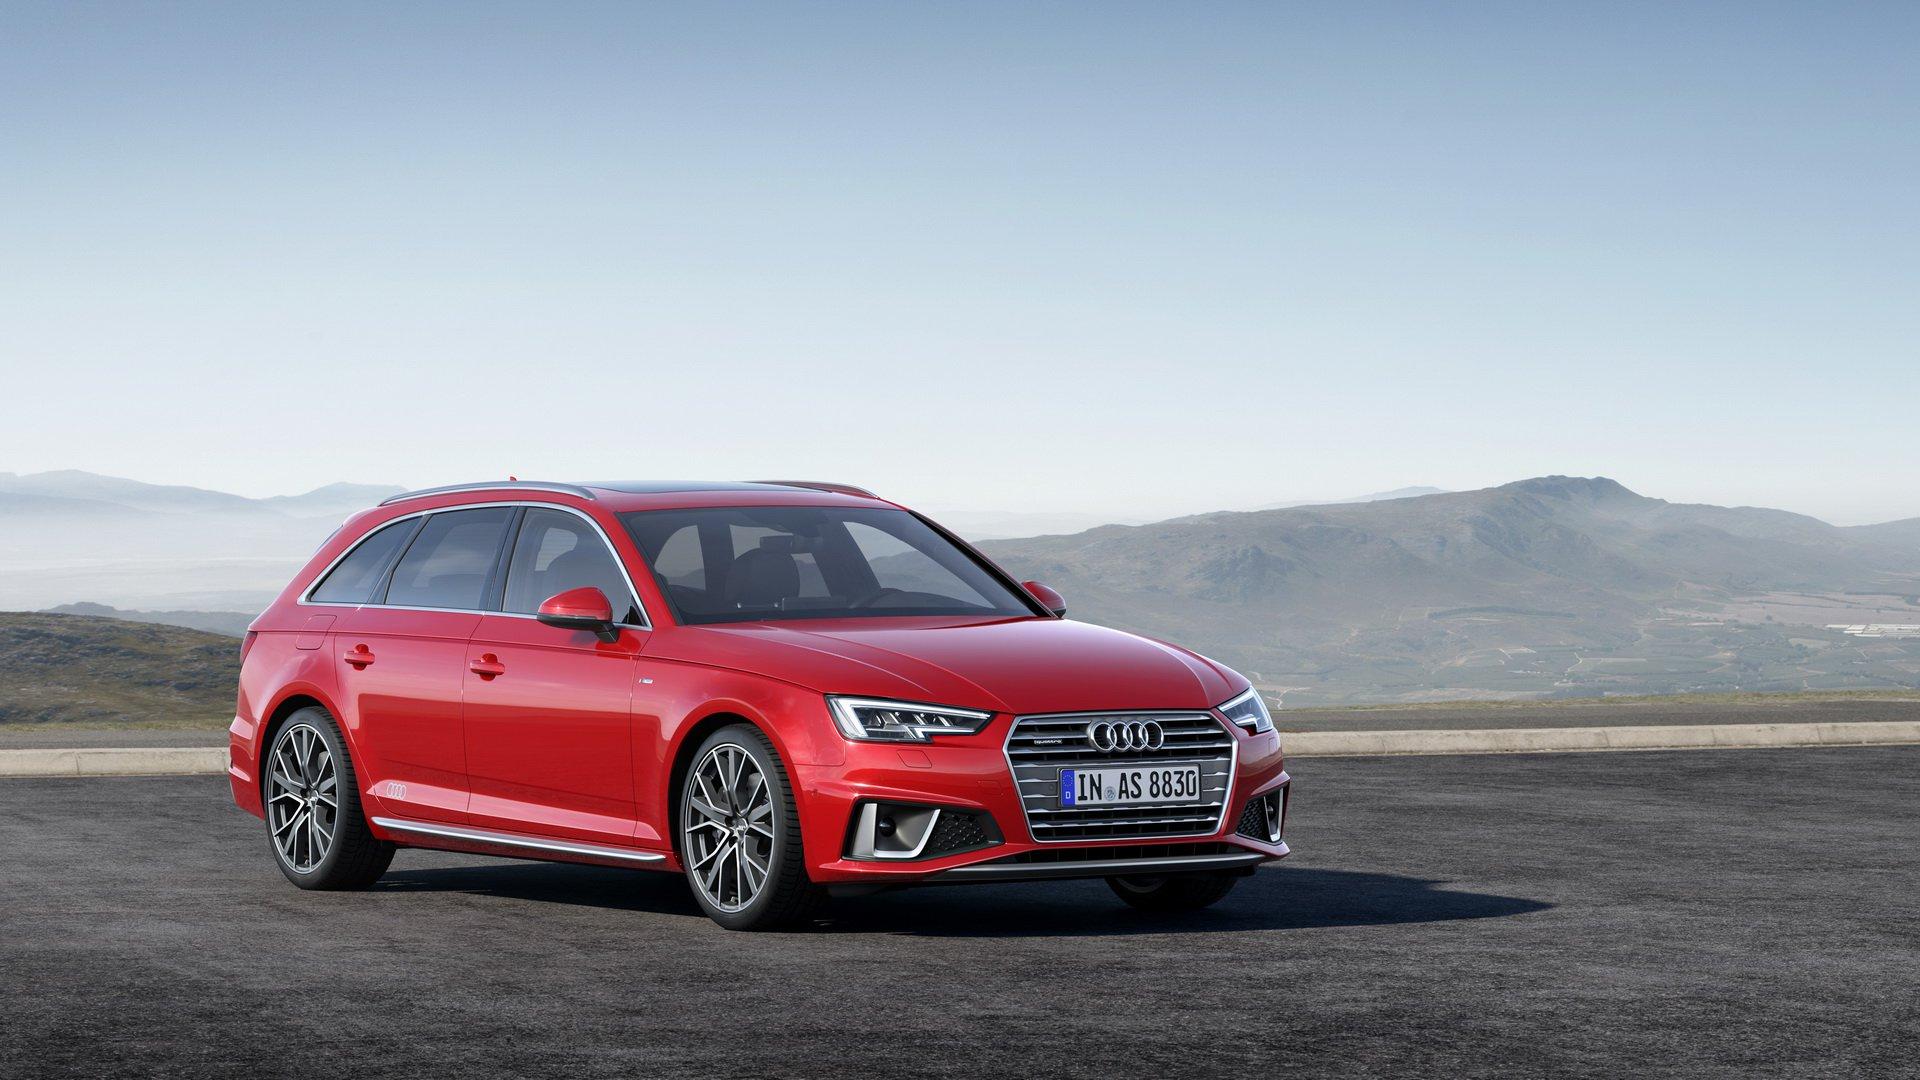 Thị trường xe - Chi tiết Audi A4 2019: Loạt nâng cấp đáng tiền (Hình 5).